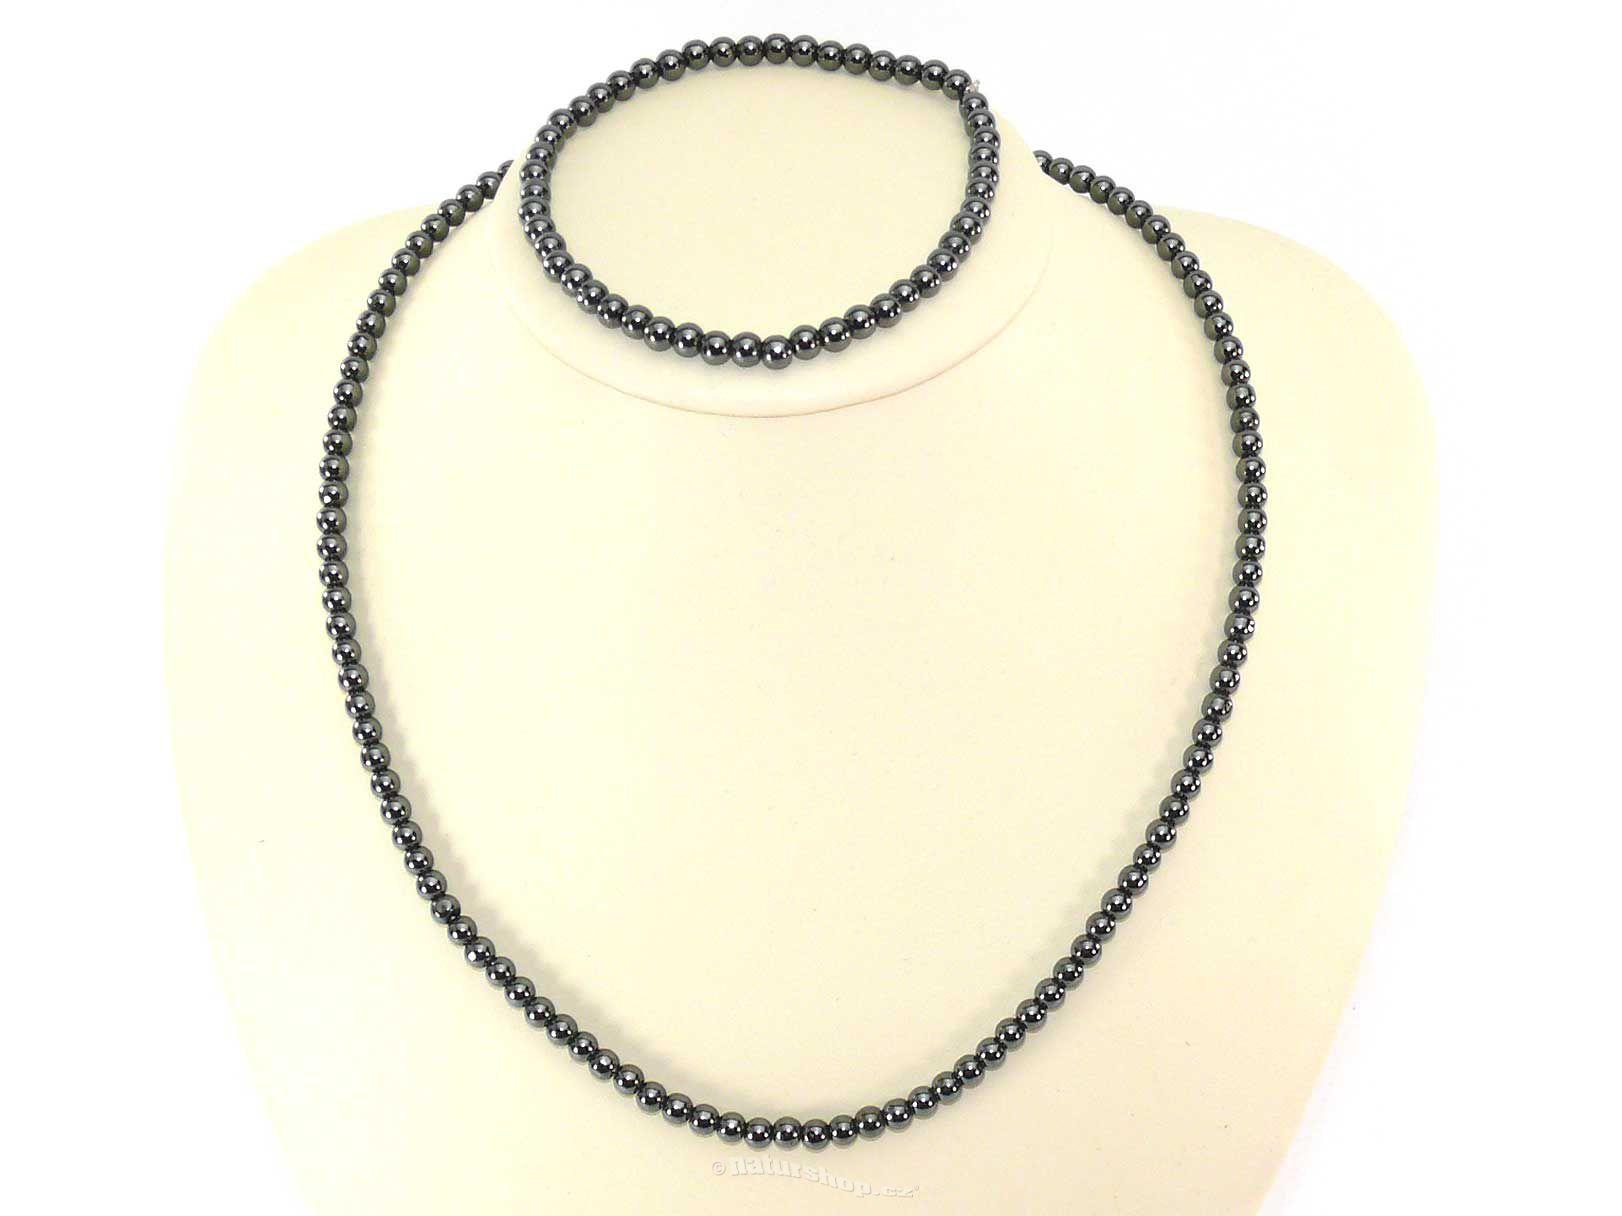 Dárková sada hematit šperky kuličky 4mm